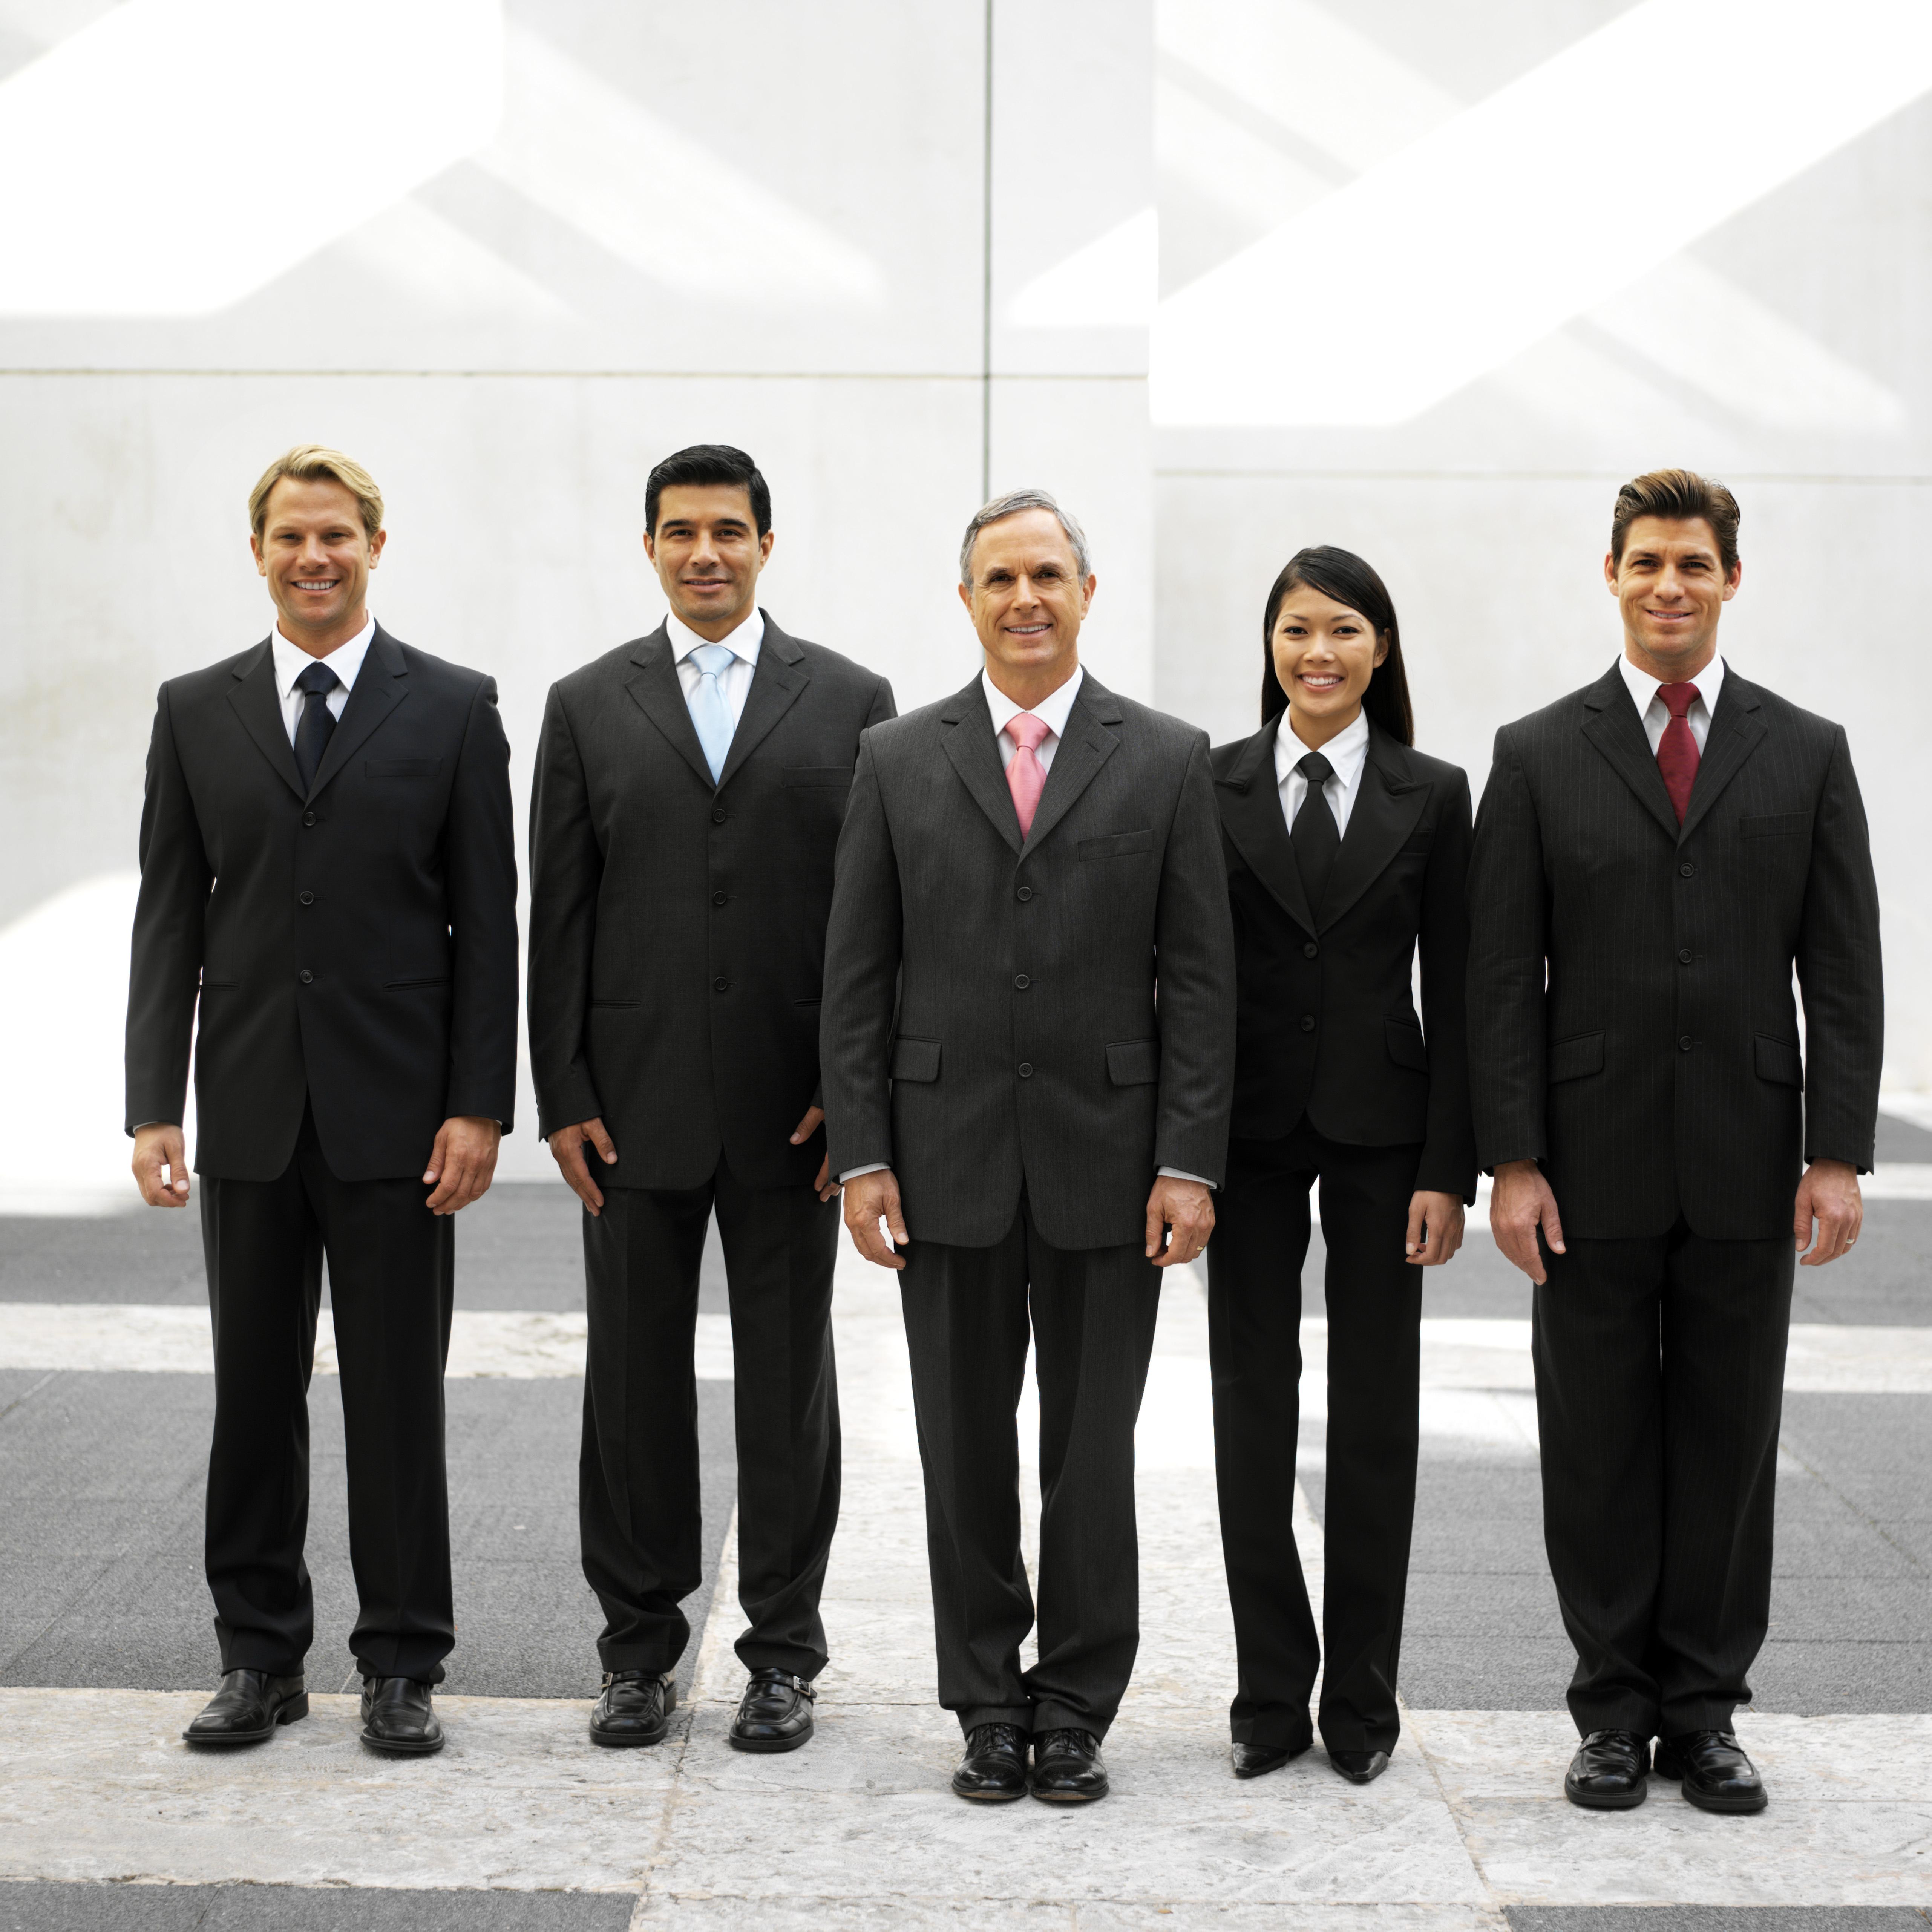 049f0c02e83e4839b062897c9a7237ad Cómo hacer educación Empresarial